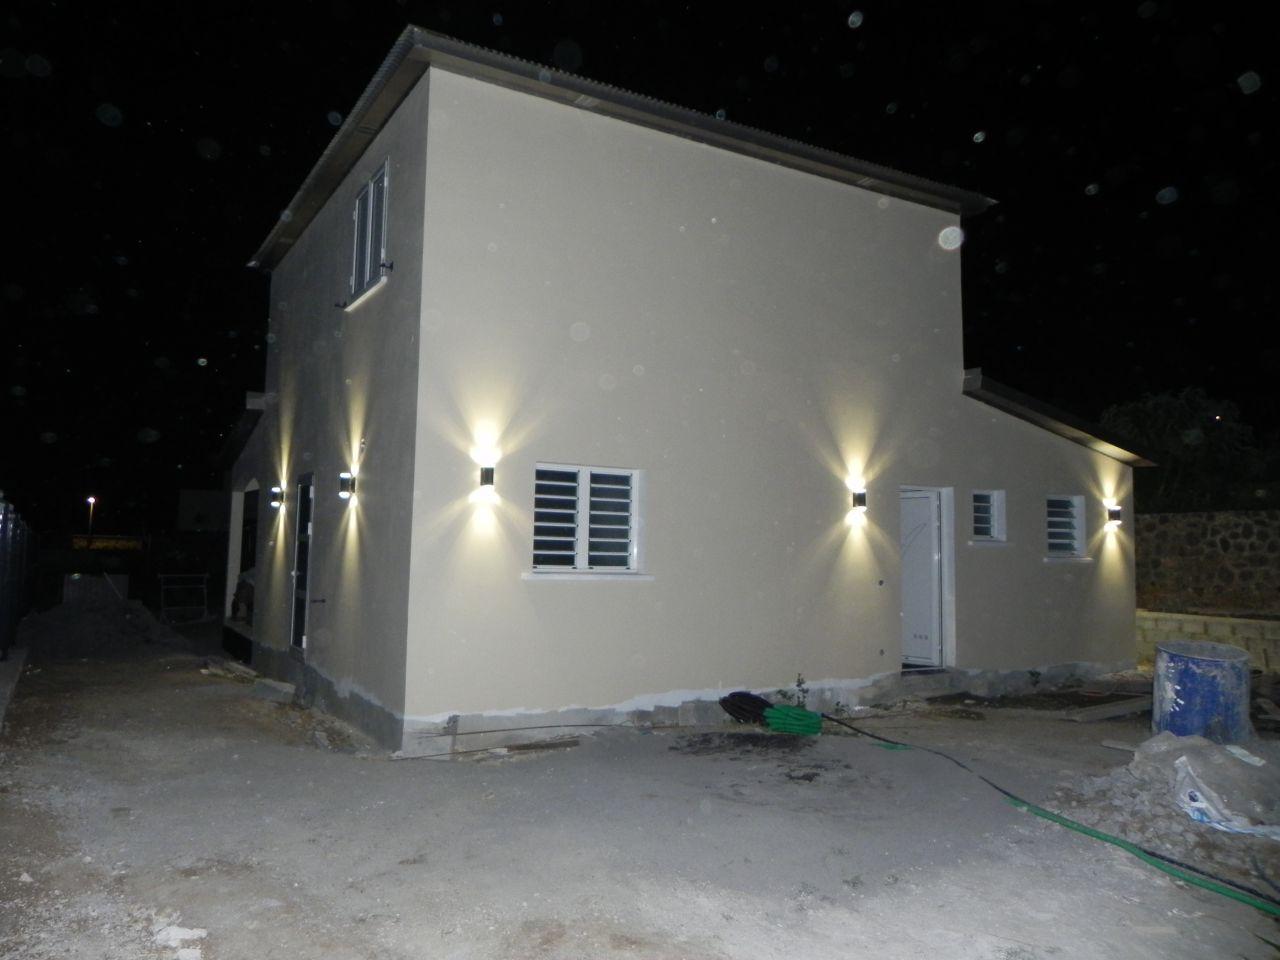 Peinture paillettes eclairage ext rieur electricit for Electricite exterieur maison